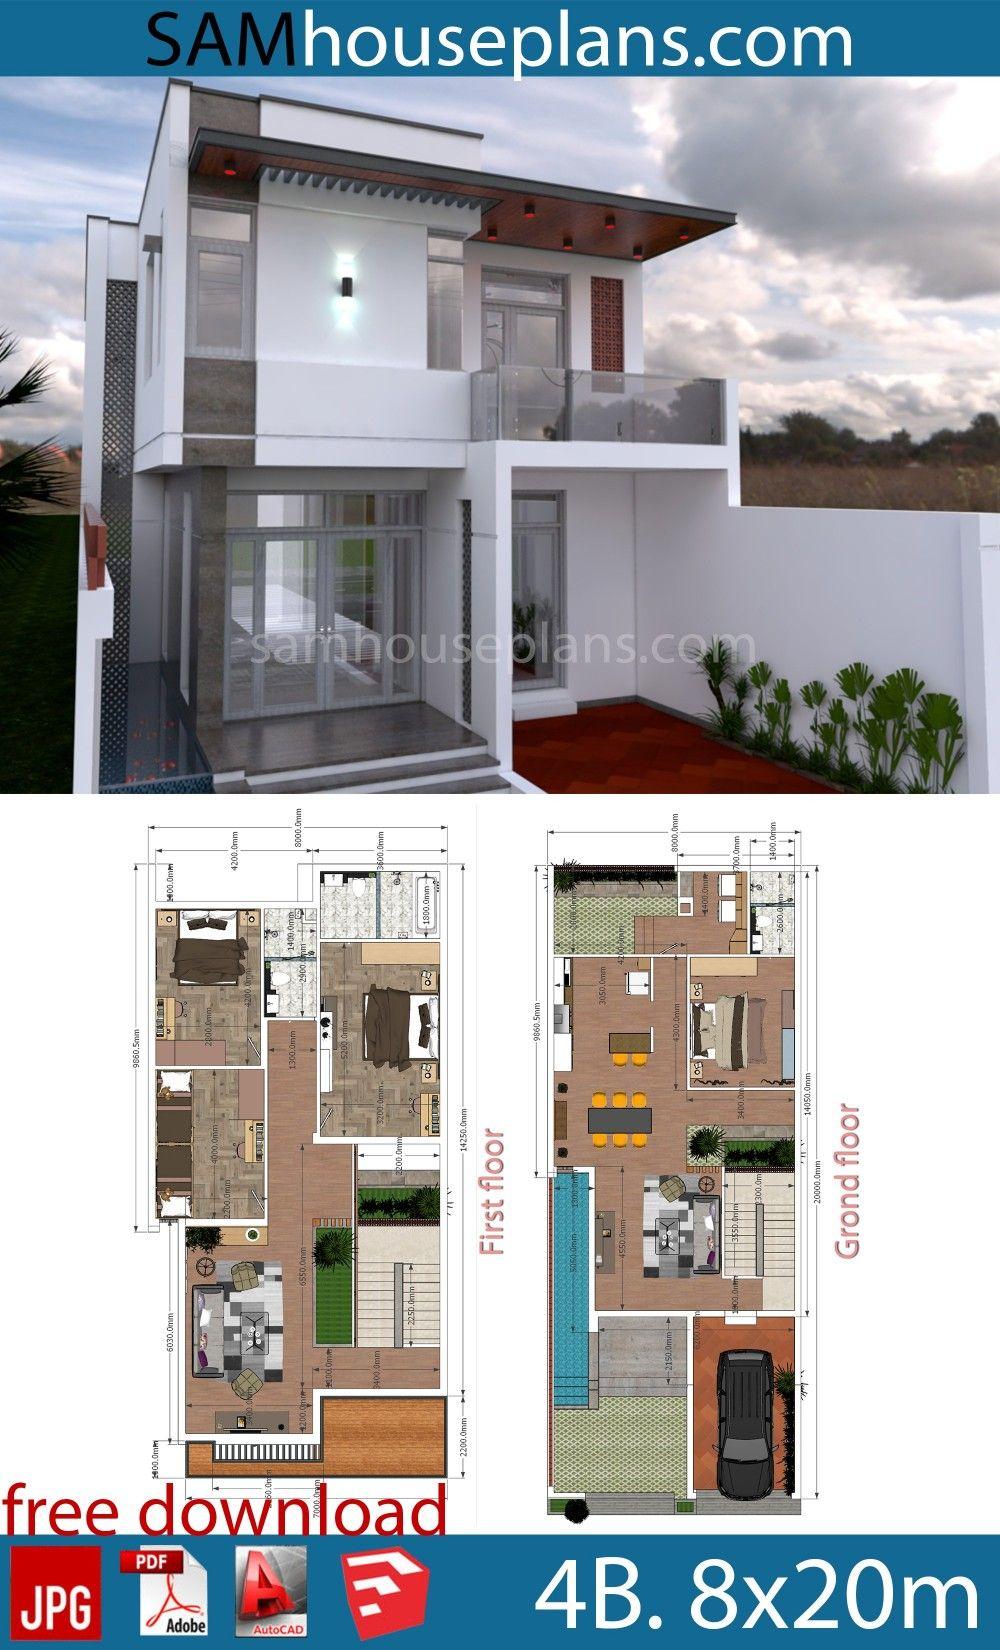 Plans De Maison 8x20m Avec Plan Complet 4 Lits House Construction Plan Sims House Plans Indian House Plans